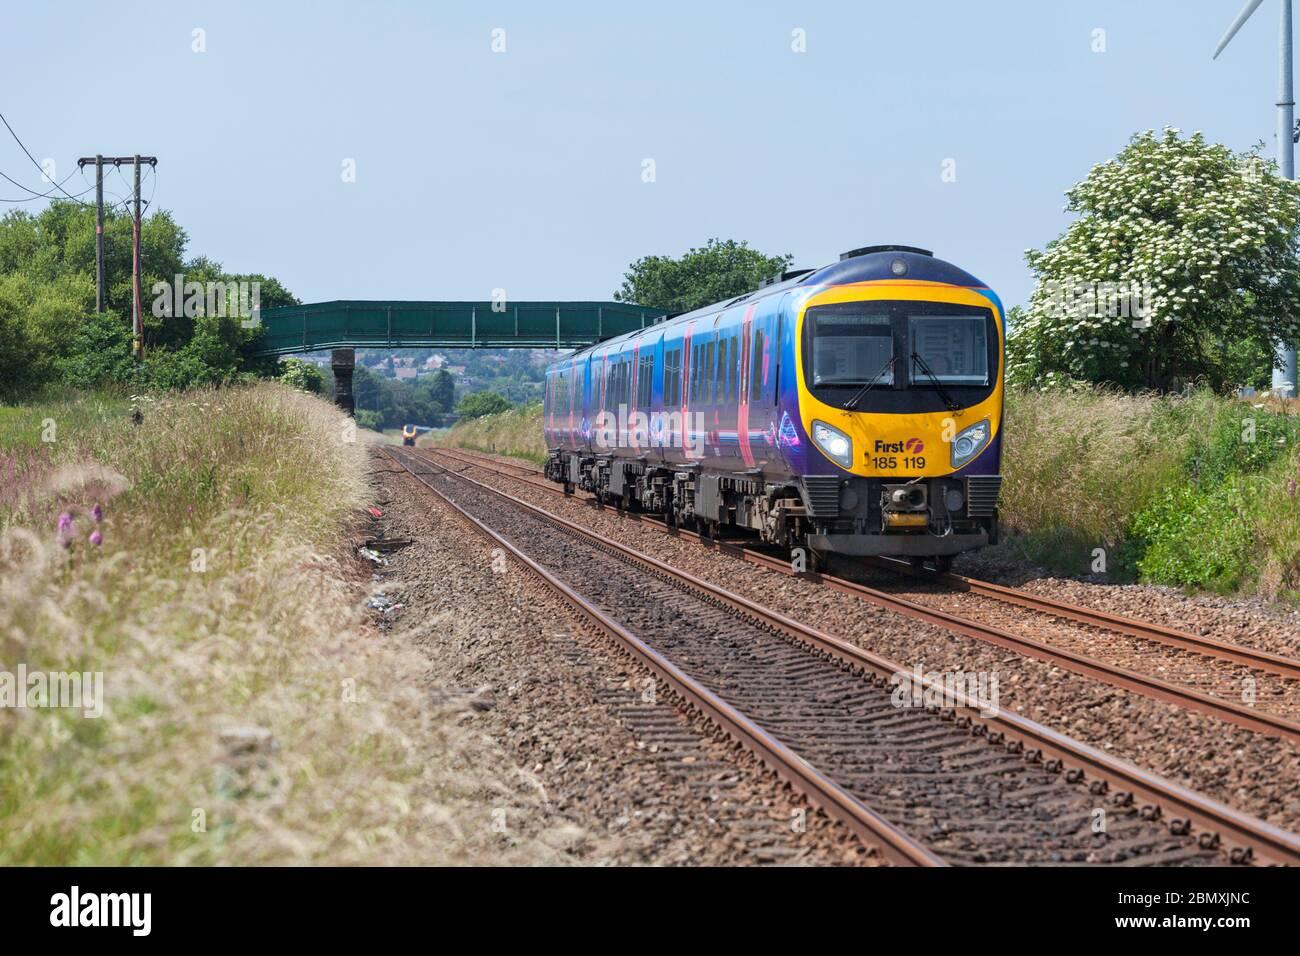 First Transpennine Express Siemens Desiro class 185  train 185119 passing Horwich, Lancashire Stock Photo